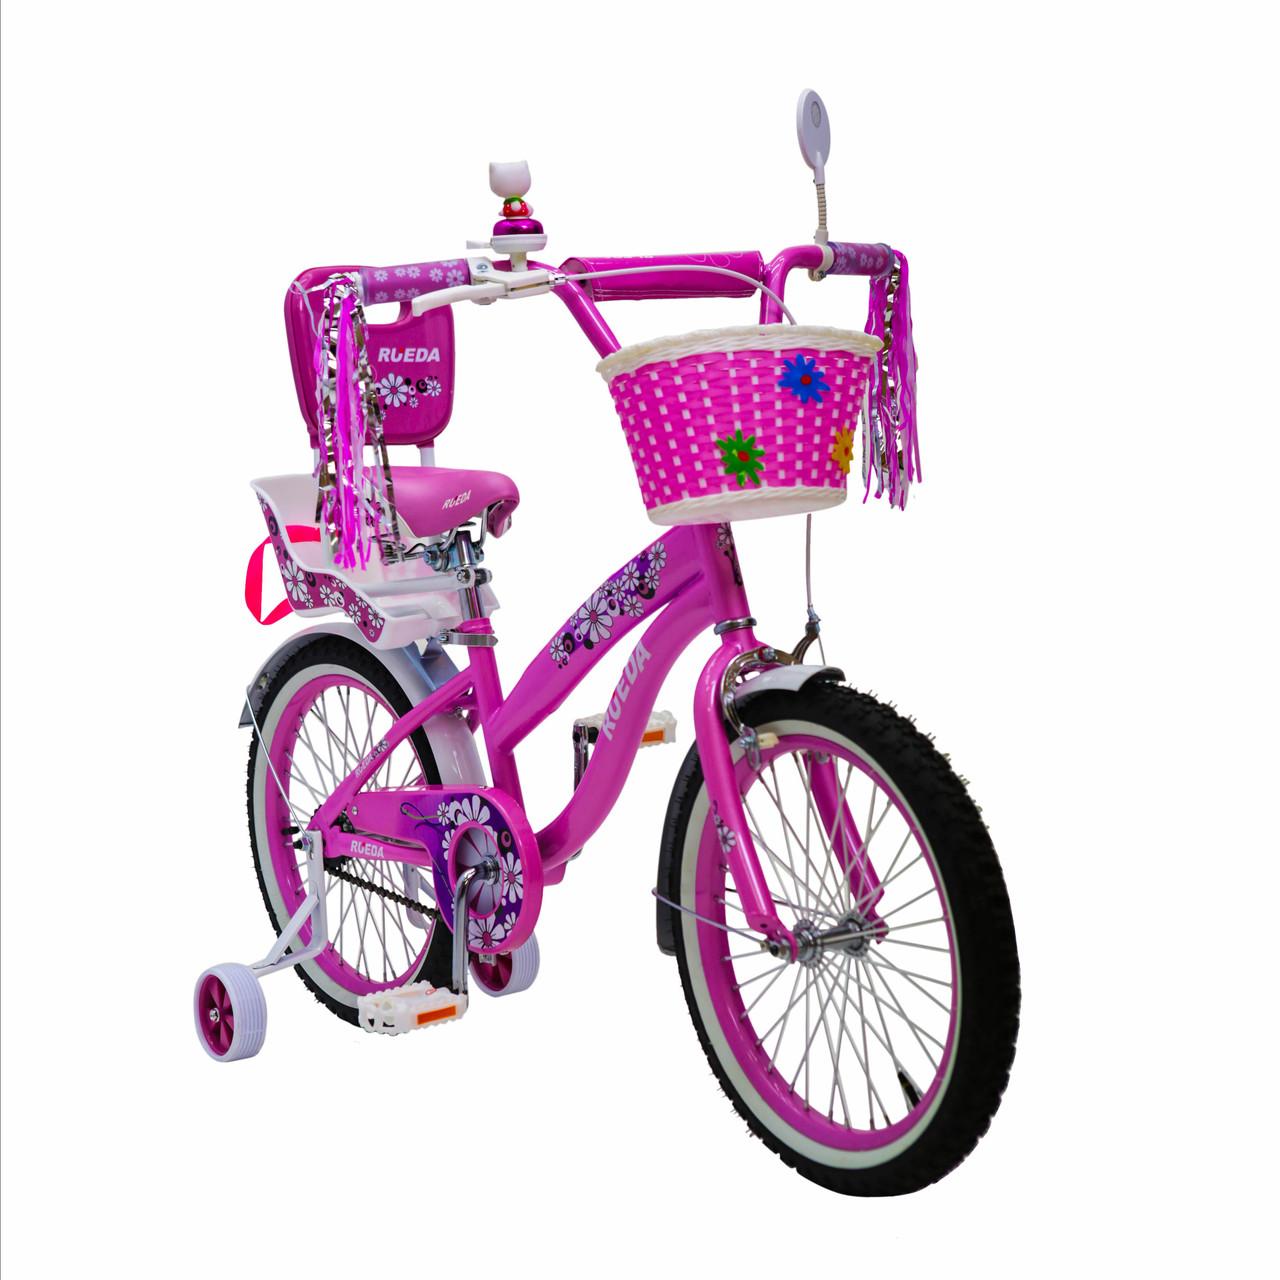 Іспанська дитячий рожевий велосипед для дівчинки з кошиком RUEDA 18 дюймів (Квіточка) на 5-8 років